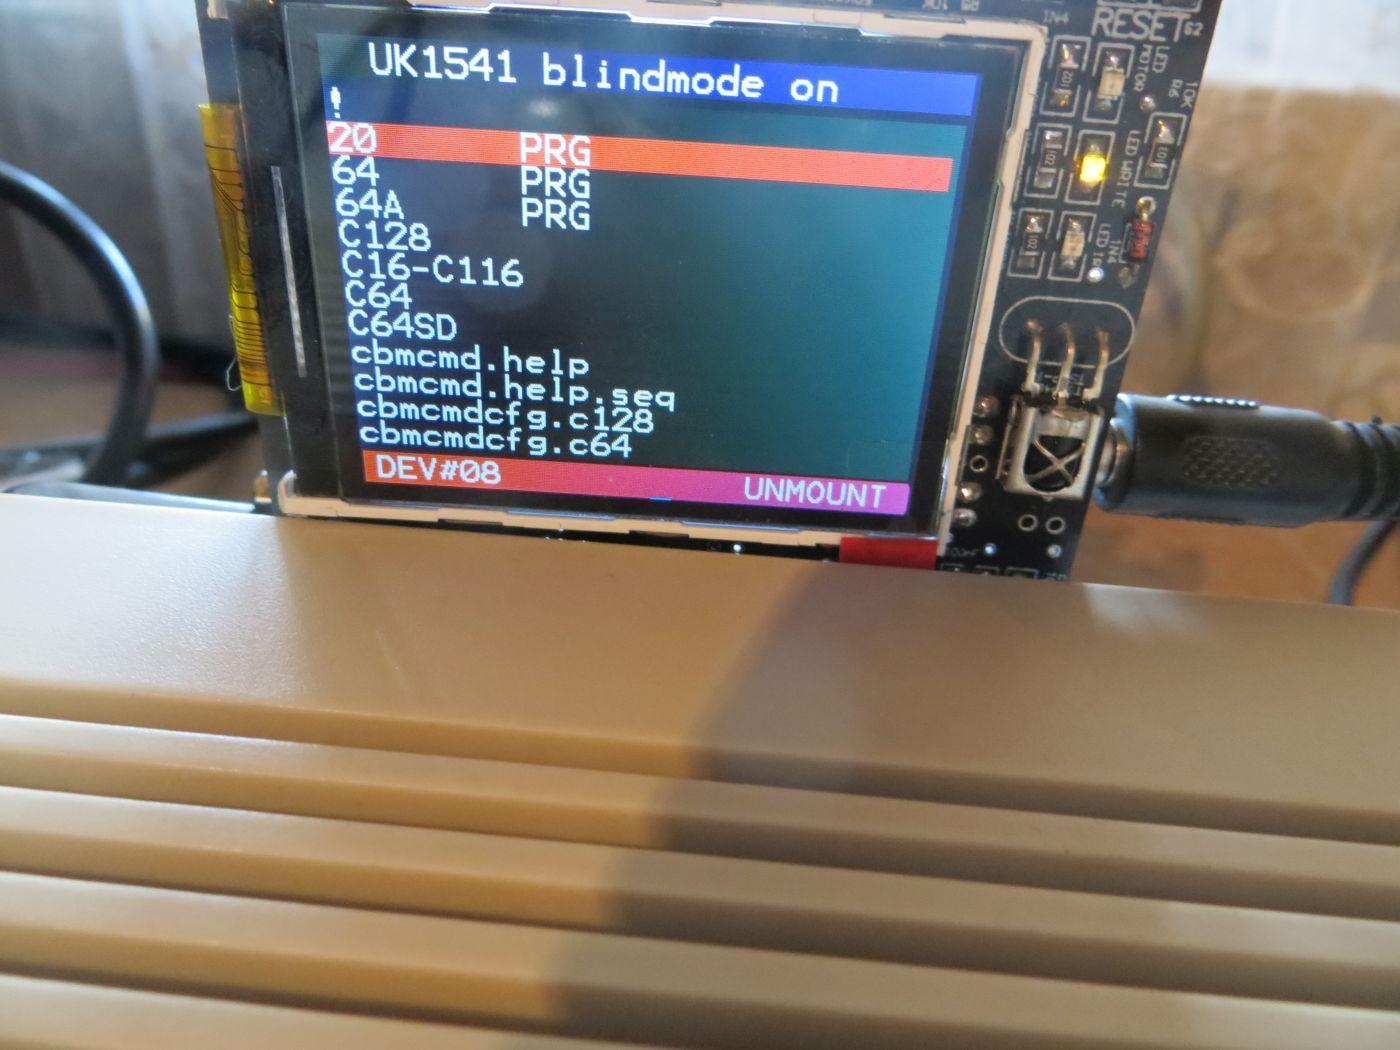 UK1541 - Blindmode on